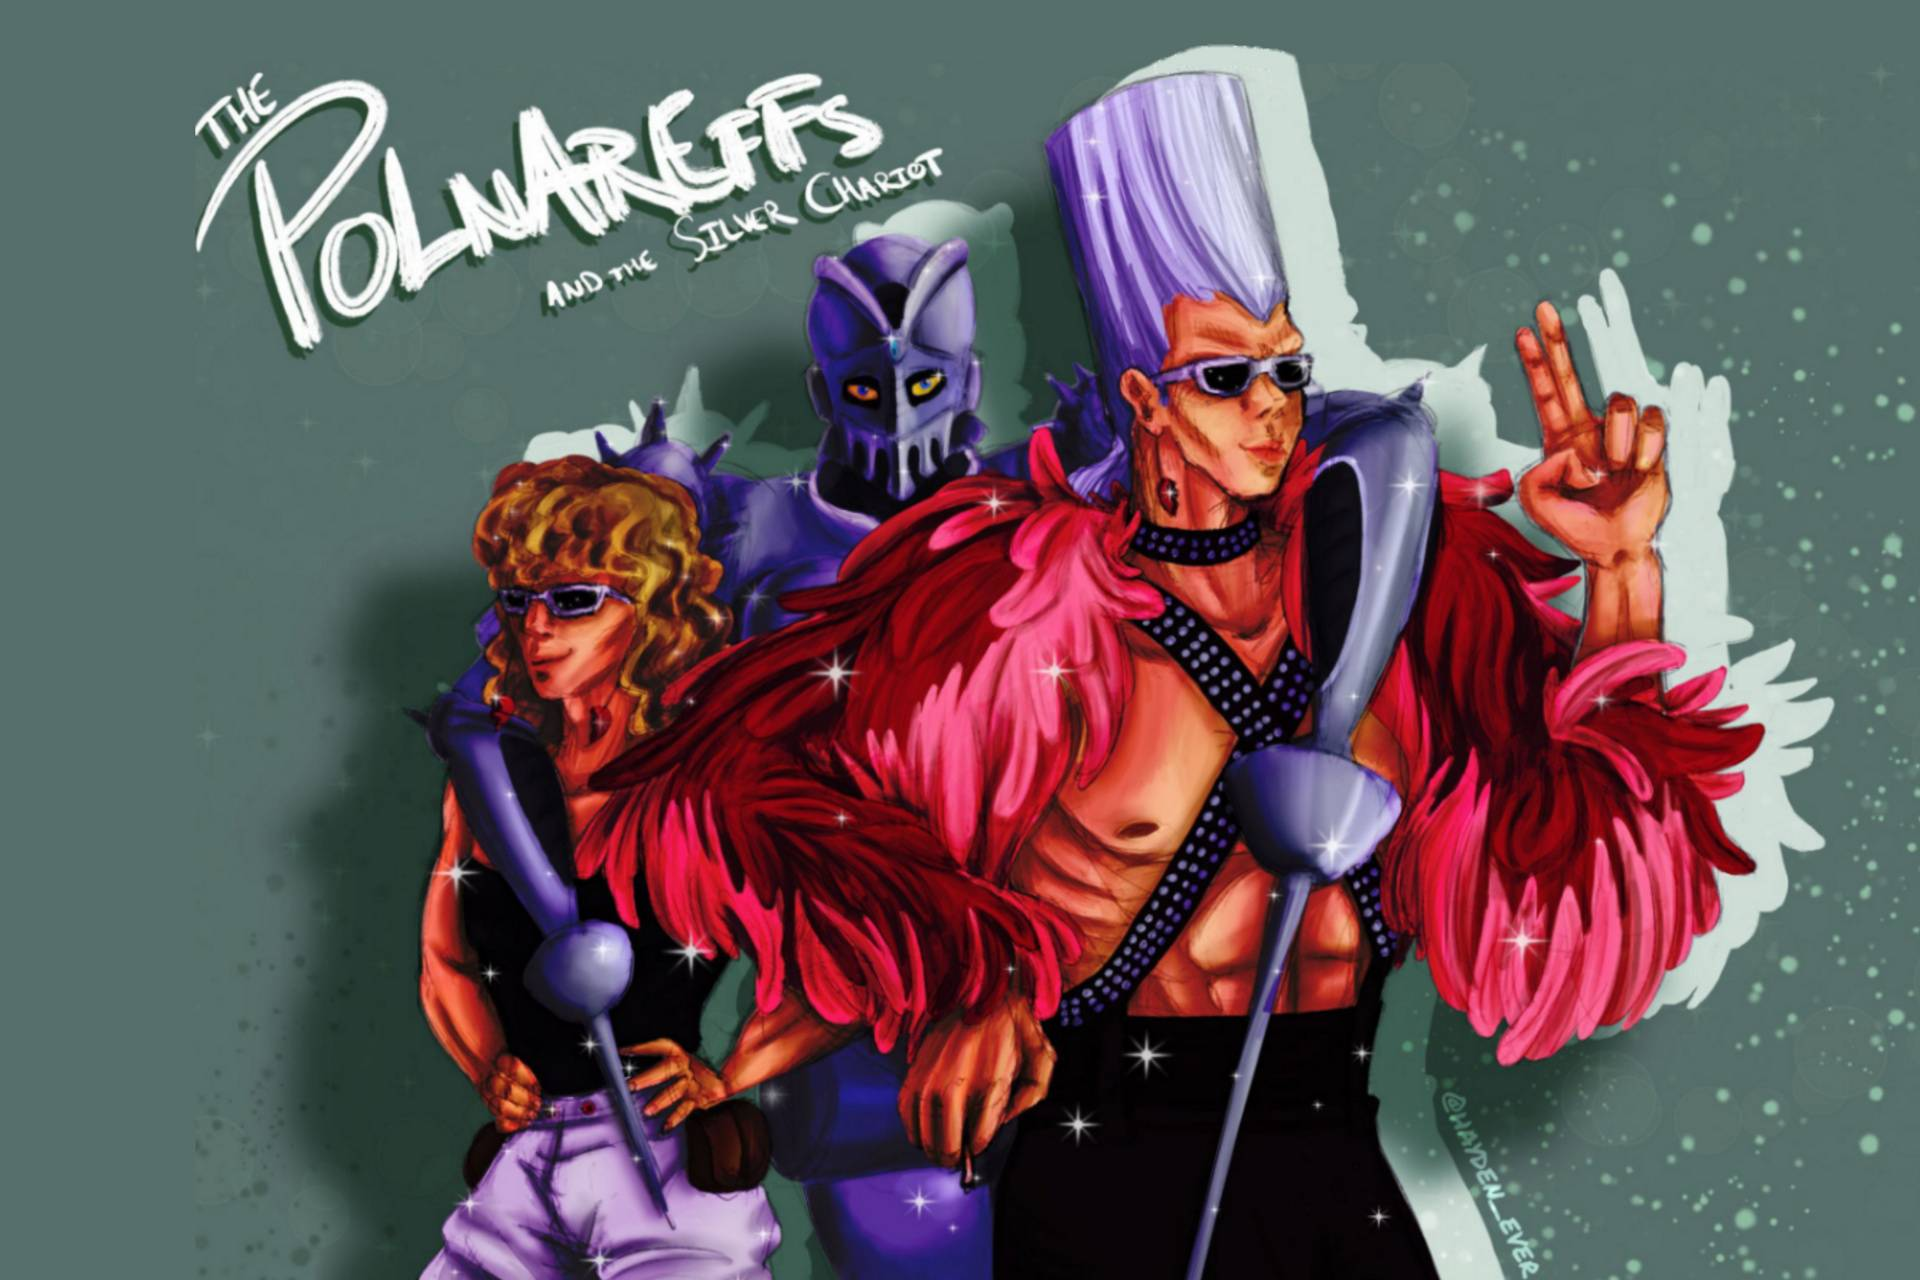 The Polnareffs